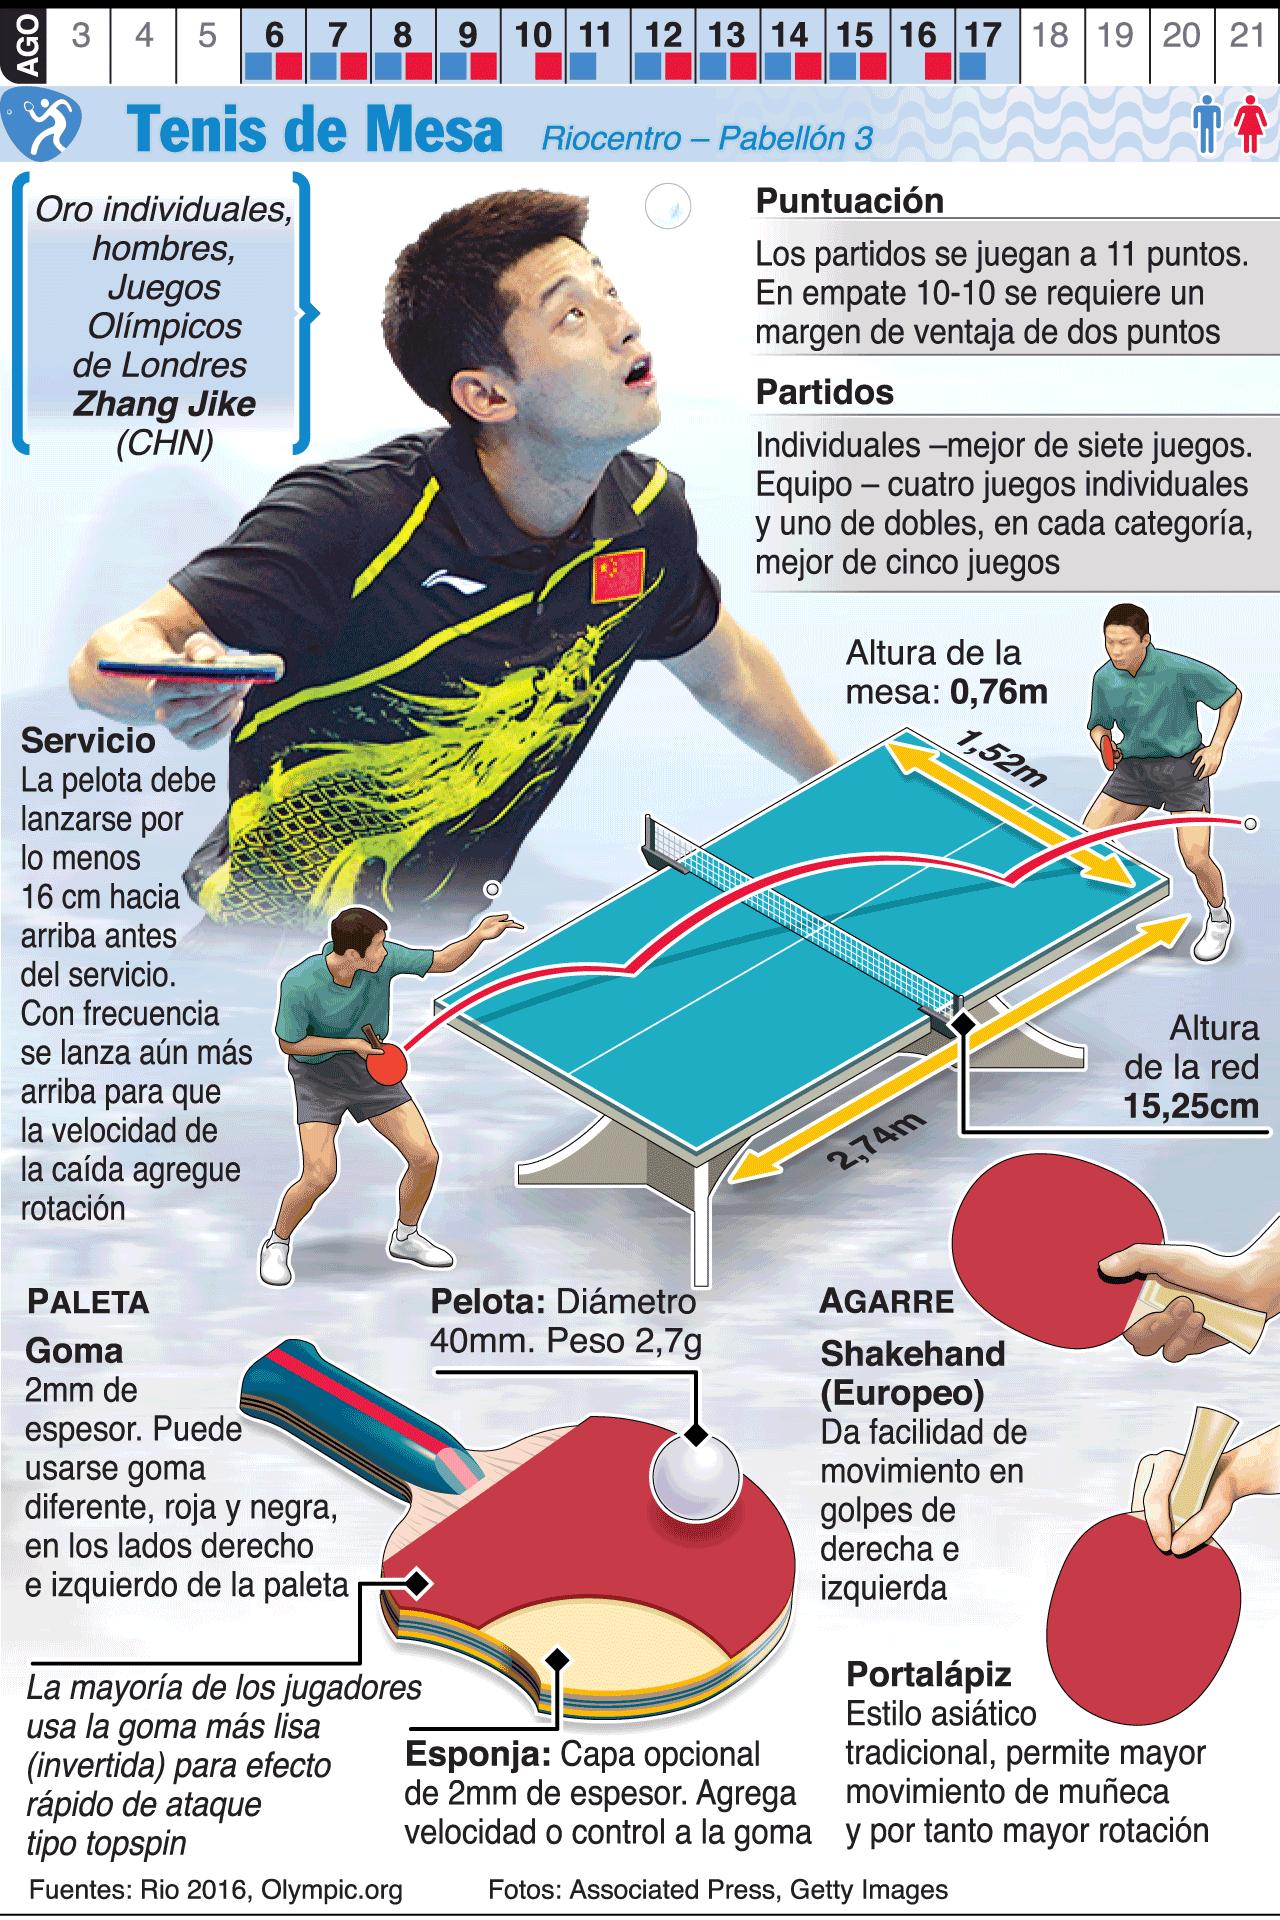 Infografía Tenis de mesa en los Juegos de Río 2016